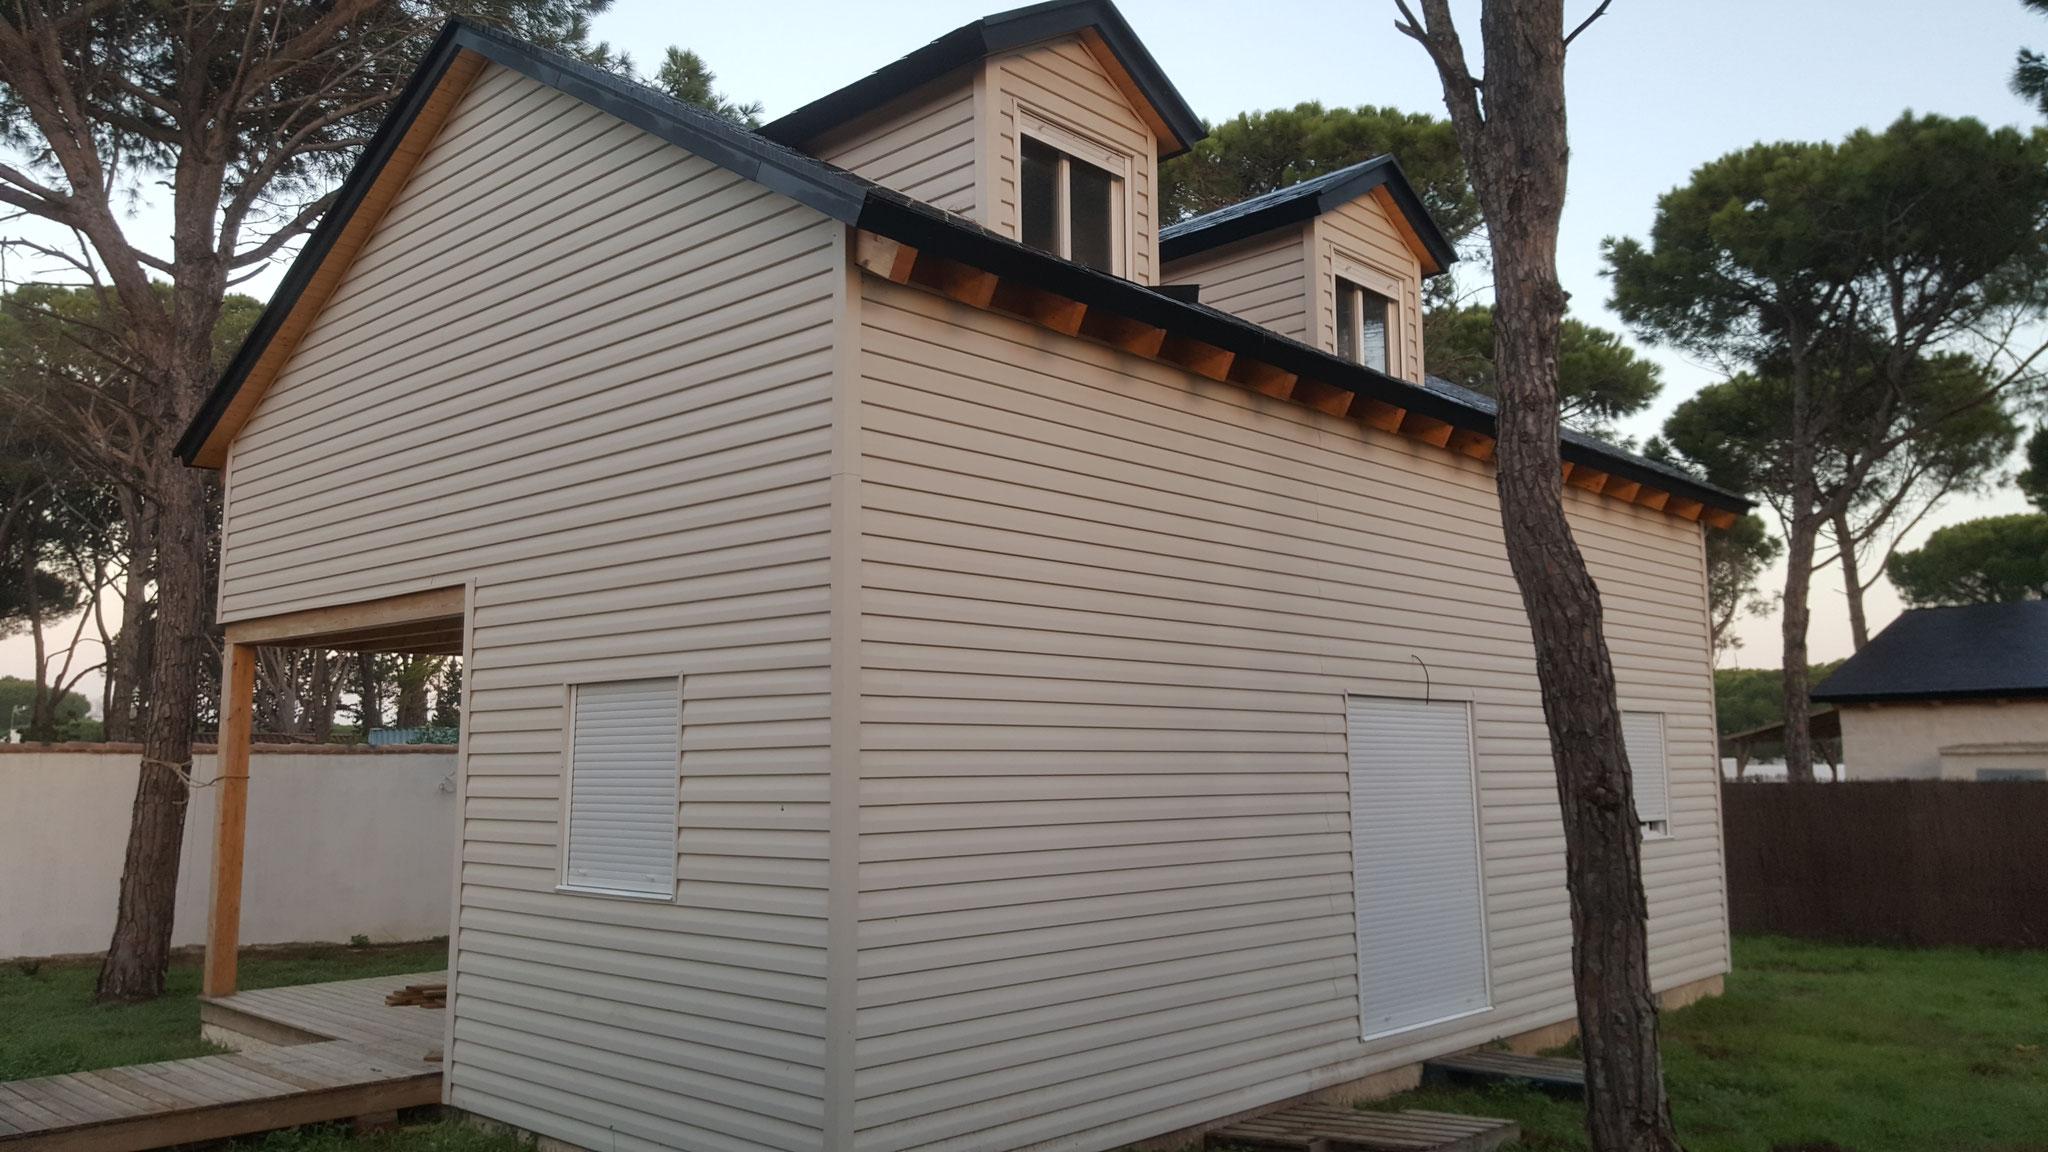 Chalet de 2 plantas 130 m2 + 12 m2 de porche. Precio llave en mano ...